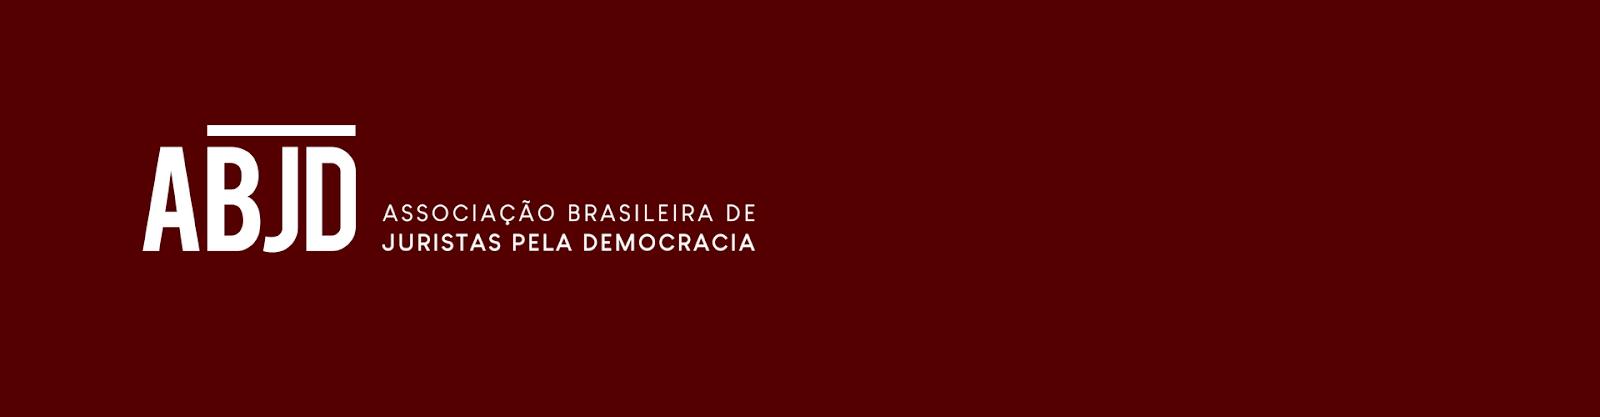 ABJD - Associação Brasileira de Juristas pela Democracia